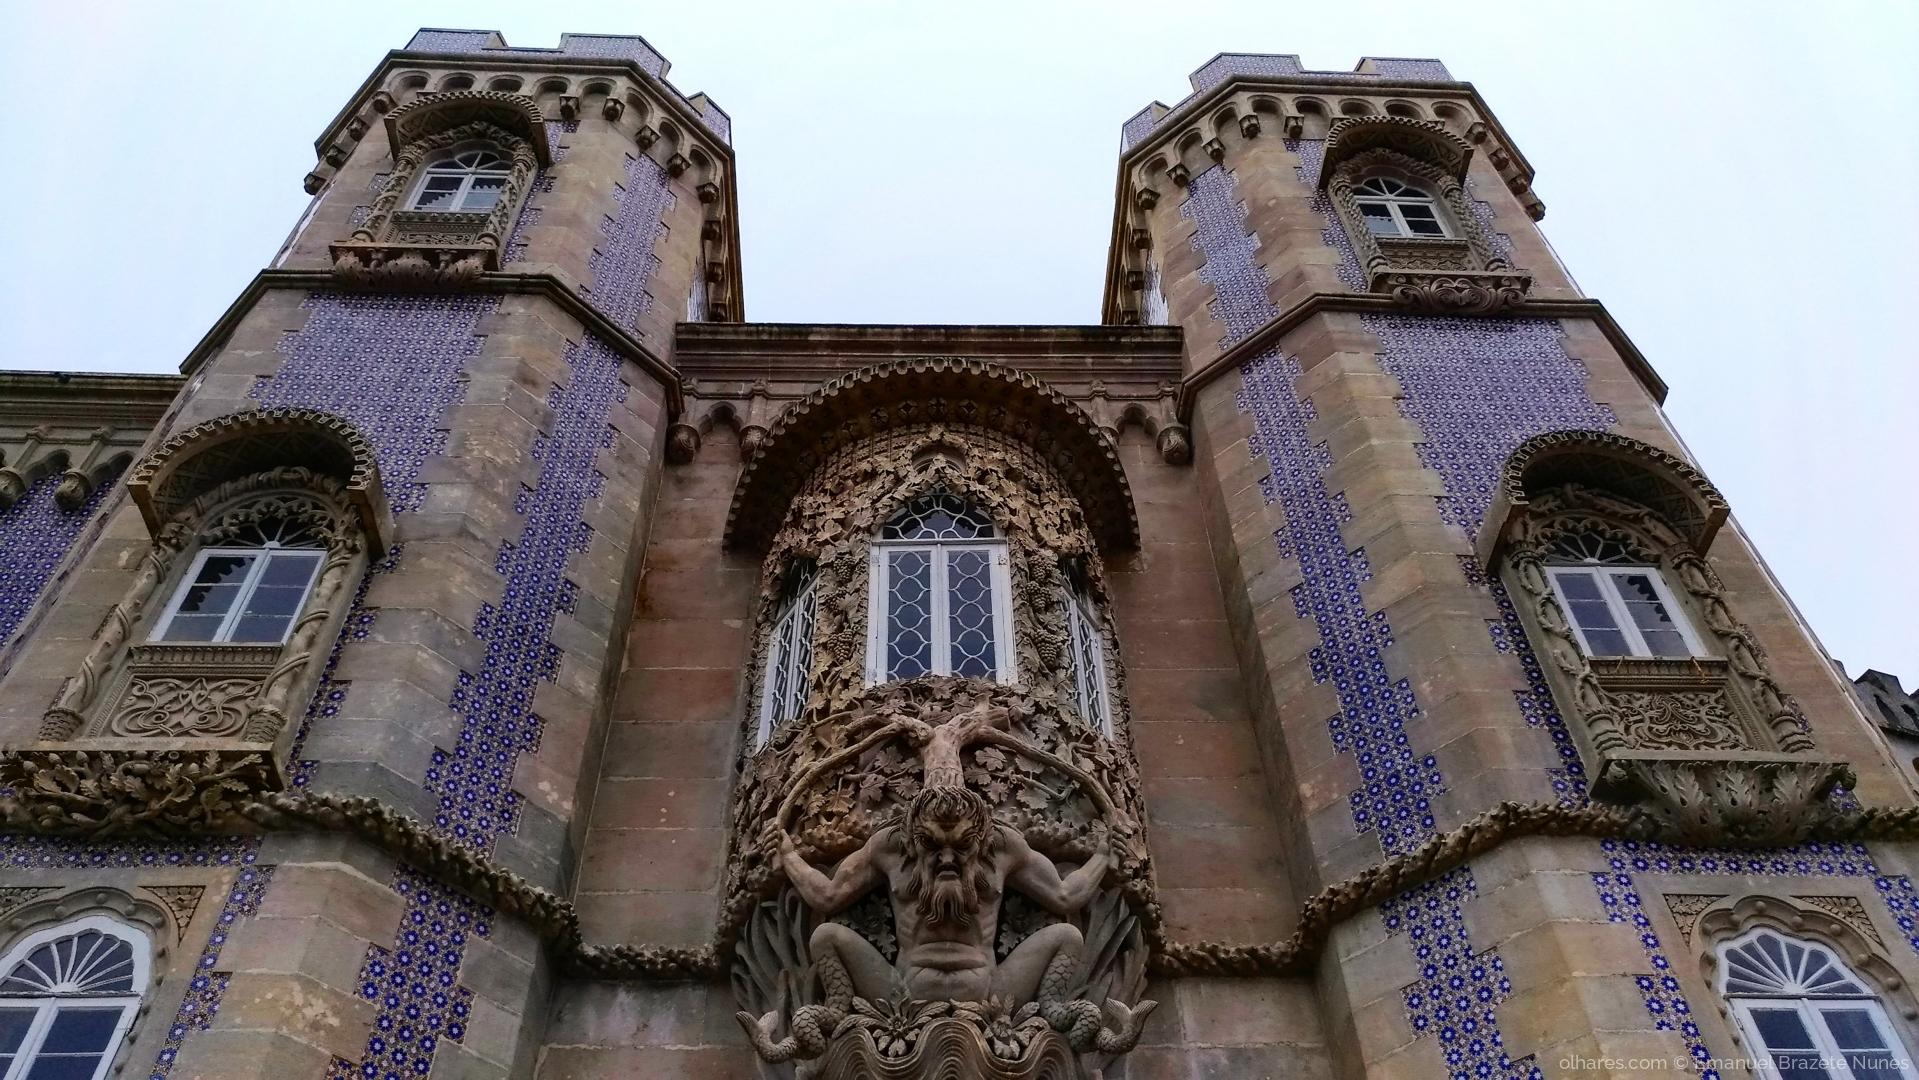 Arquitetura/Arquitetura antiga